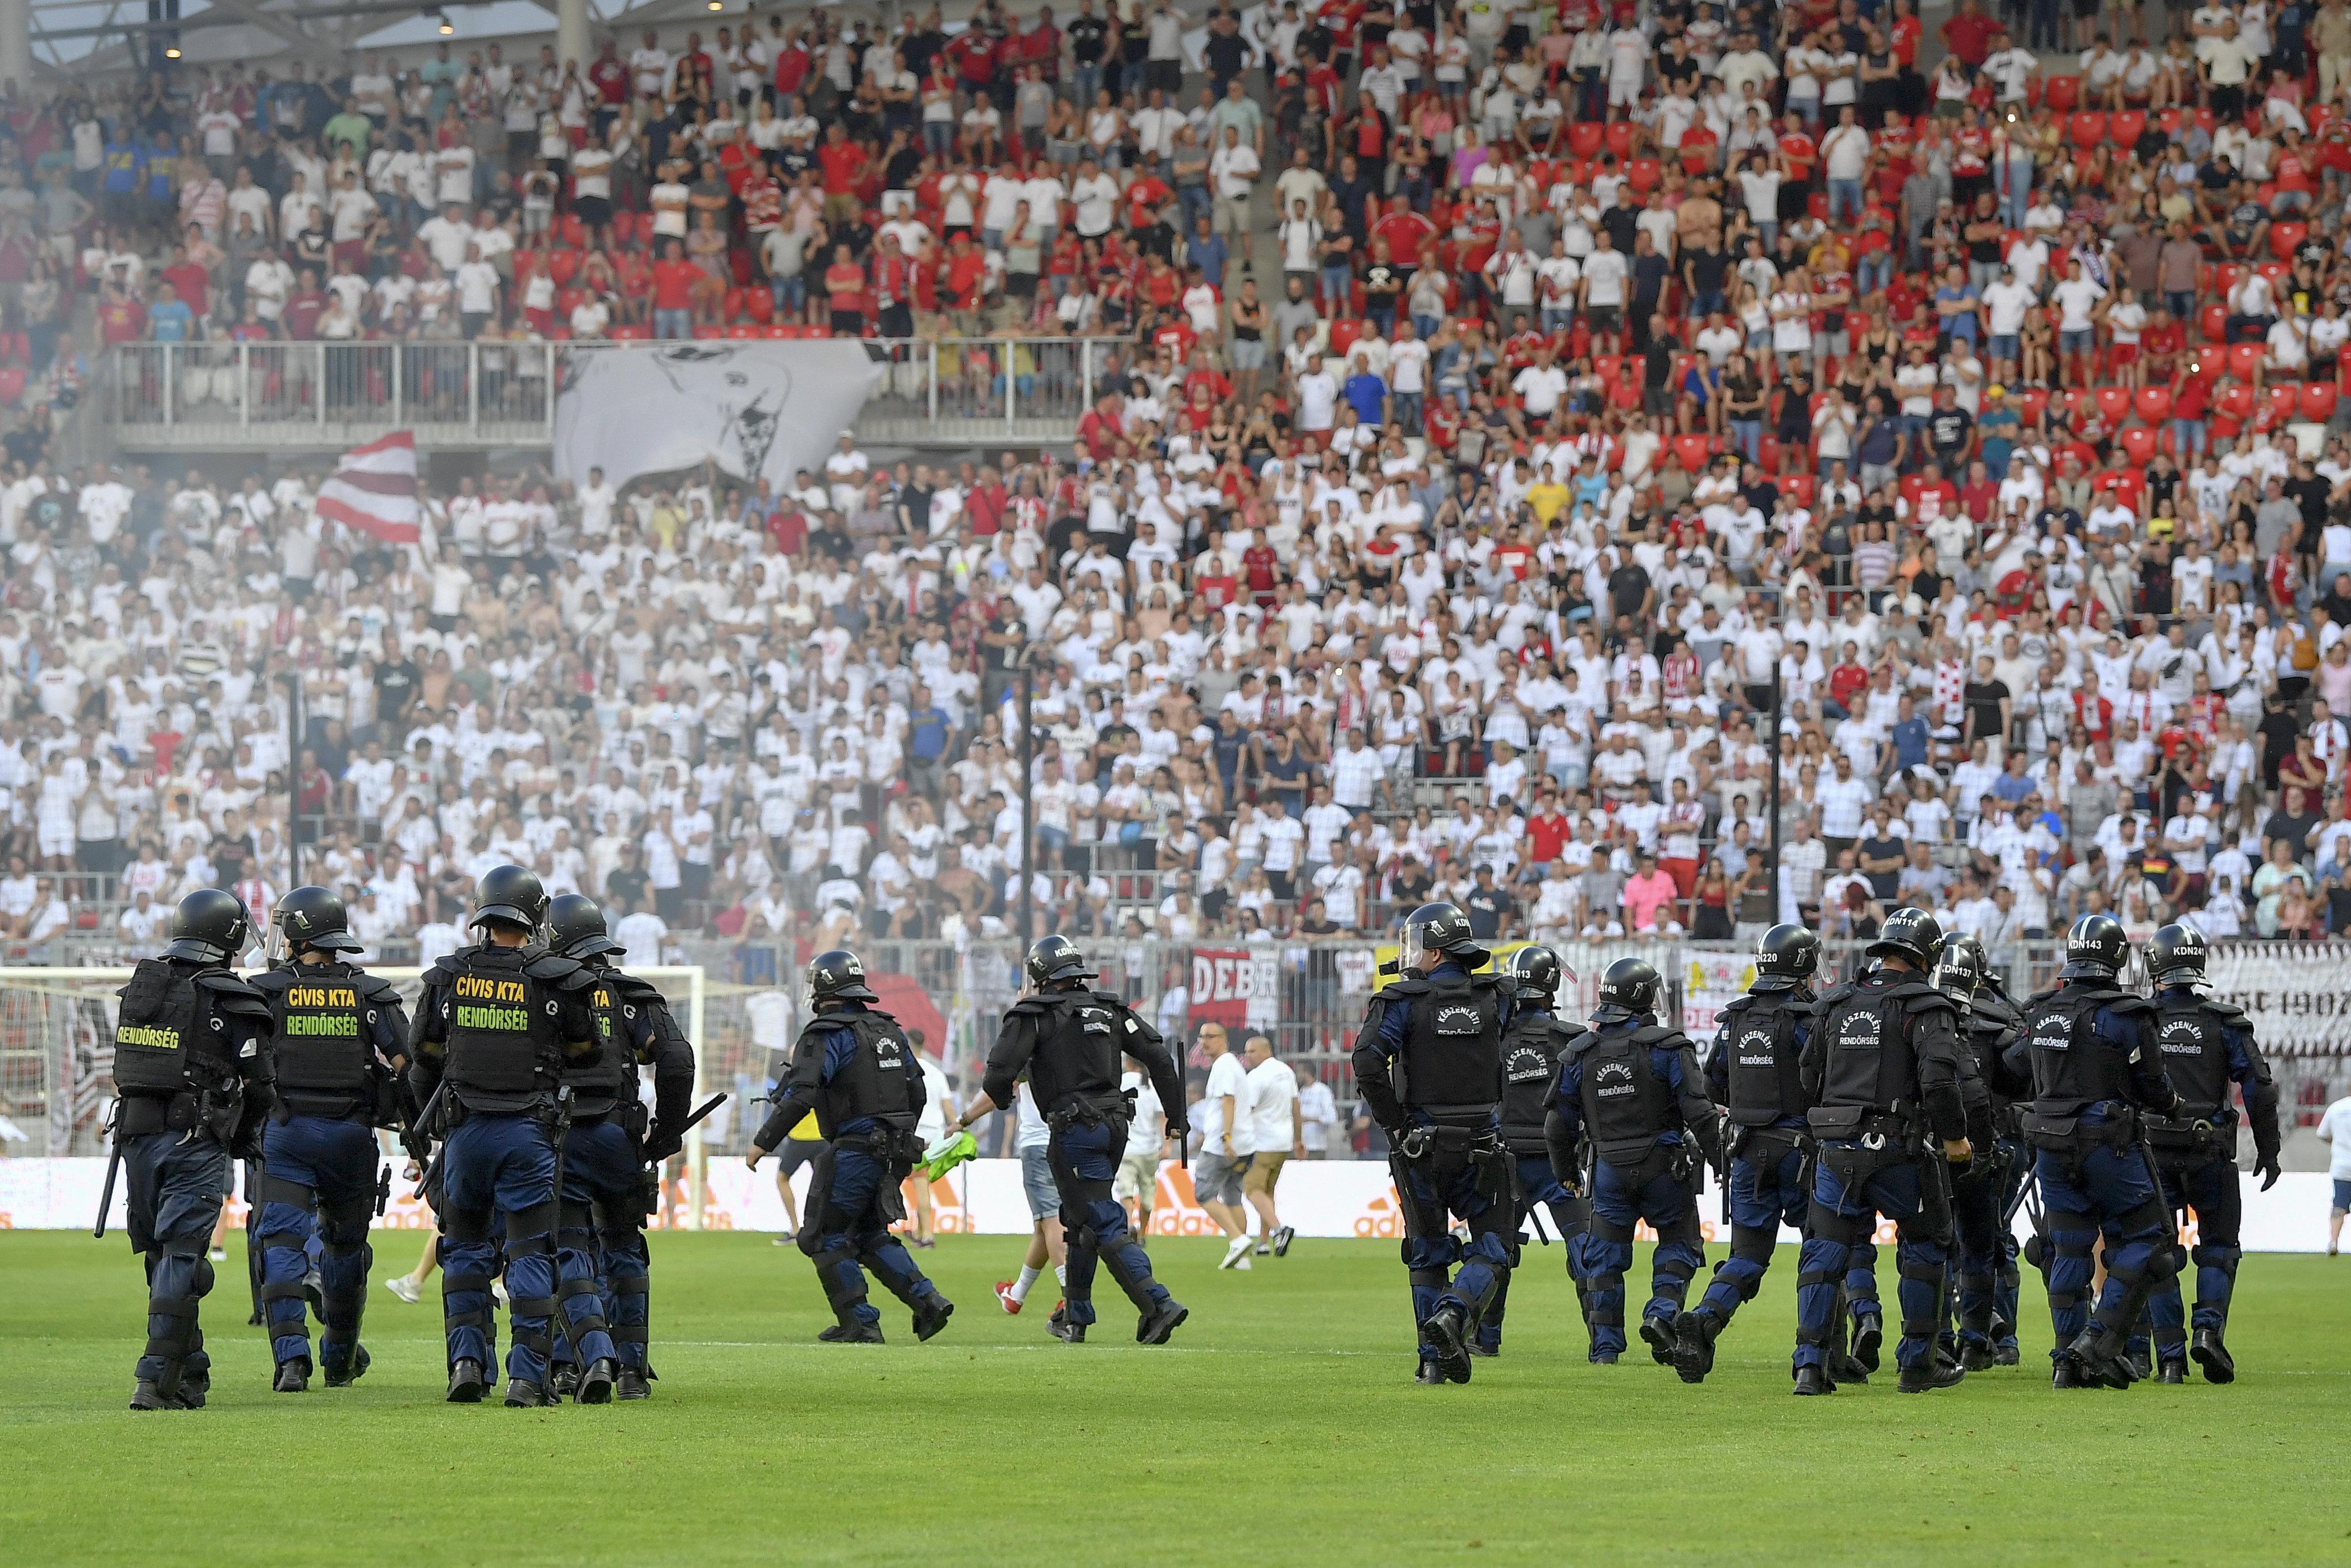 Kiesett a Debrecen, a pályára rohanó, feldühödött szurkolók lerángatták a mezt a játékosokról